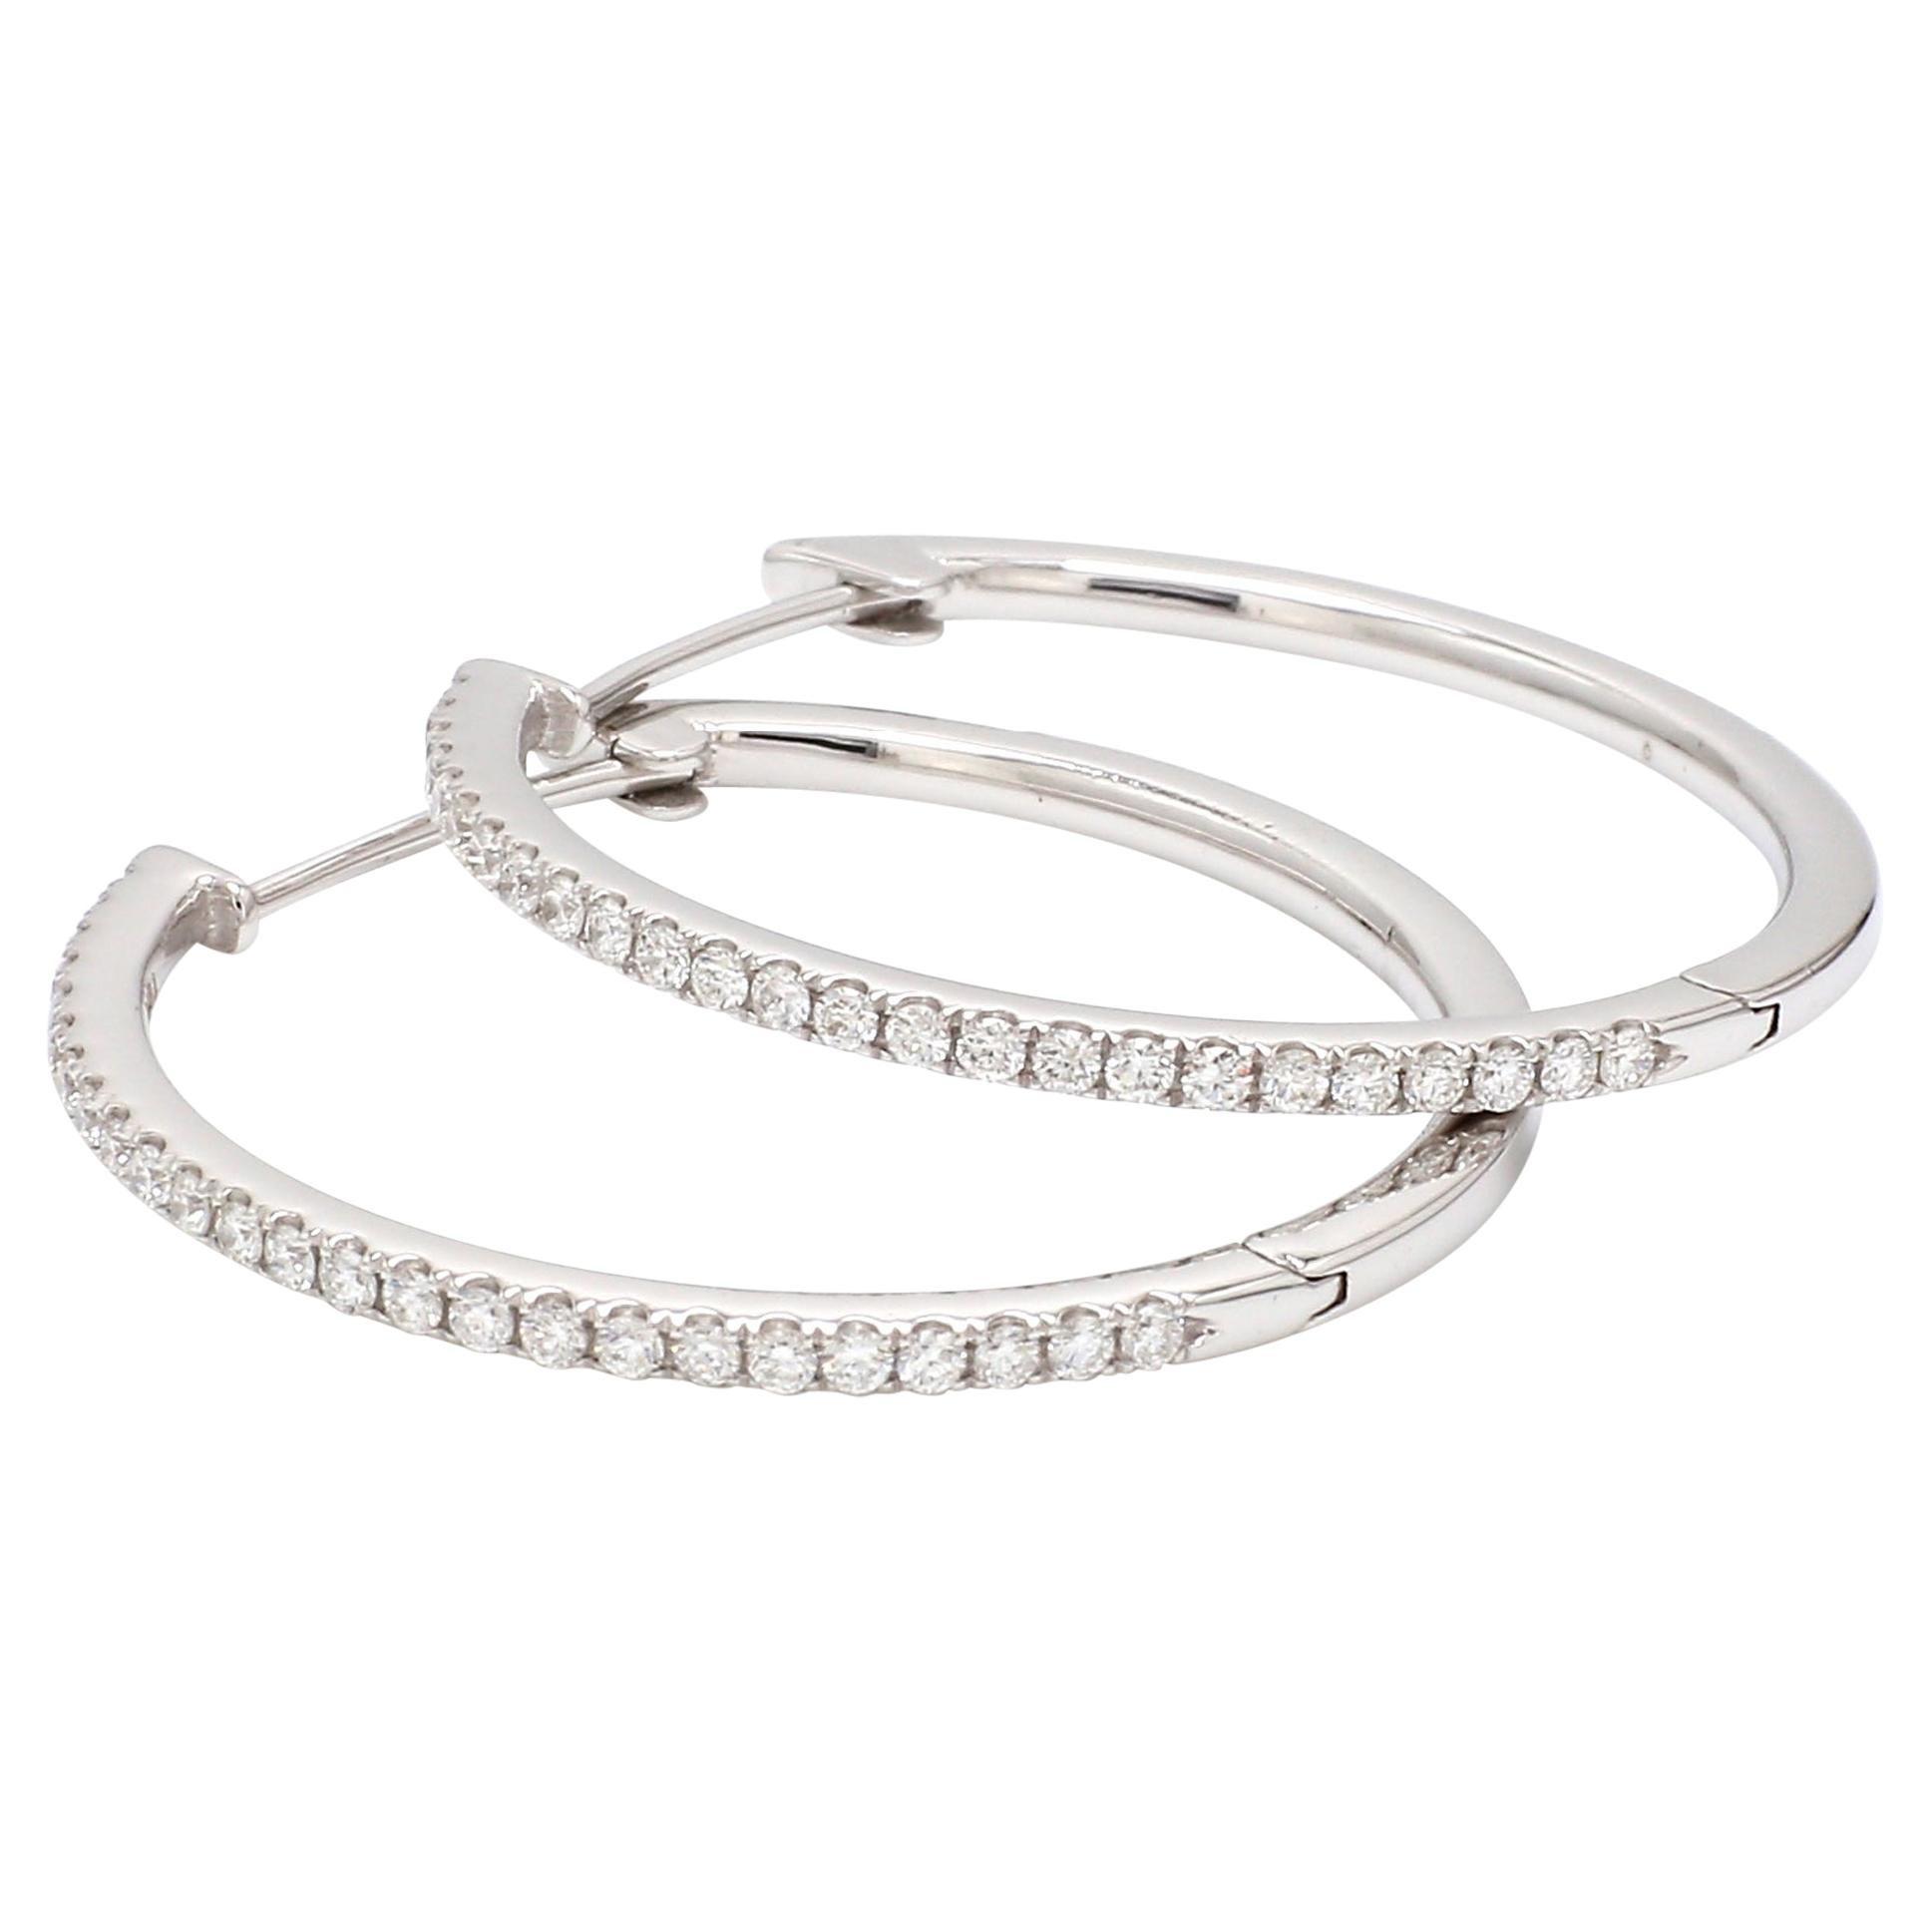 18 Karat White Gold 1/2 Carat Diamond Hoop Earring